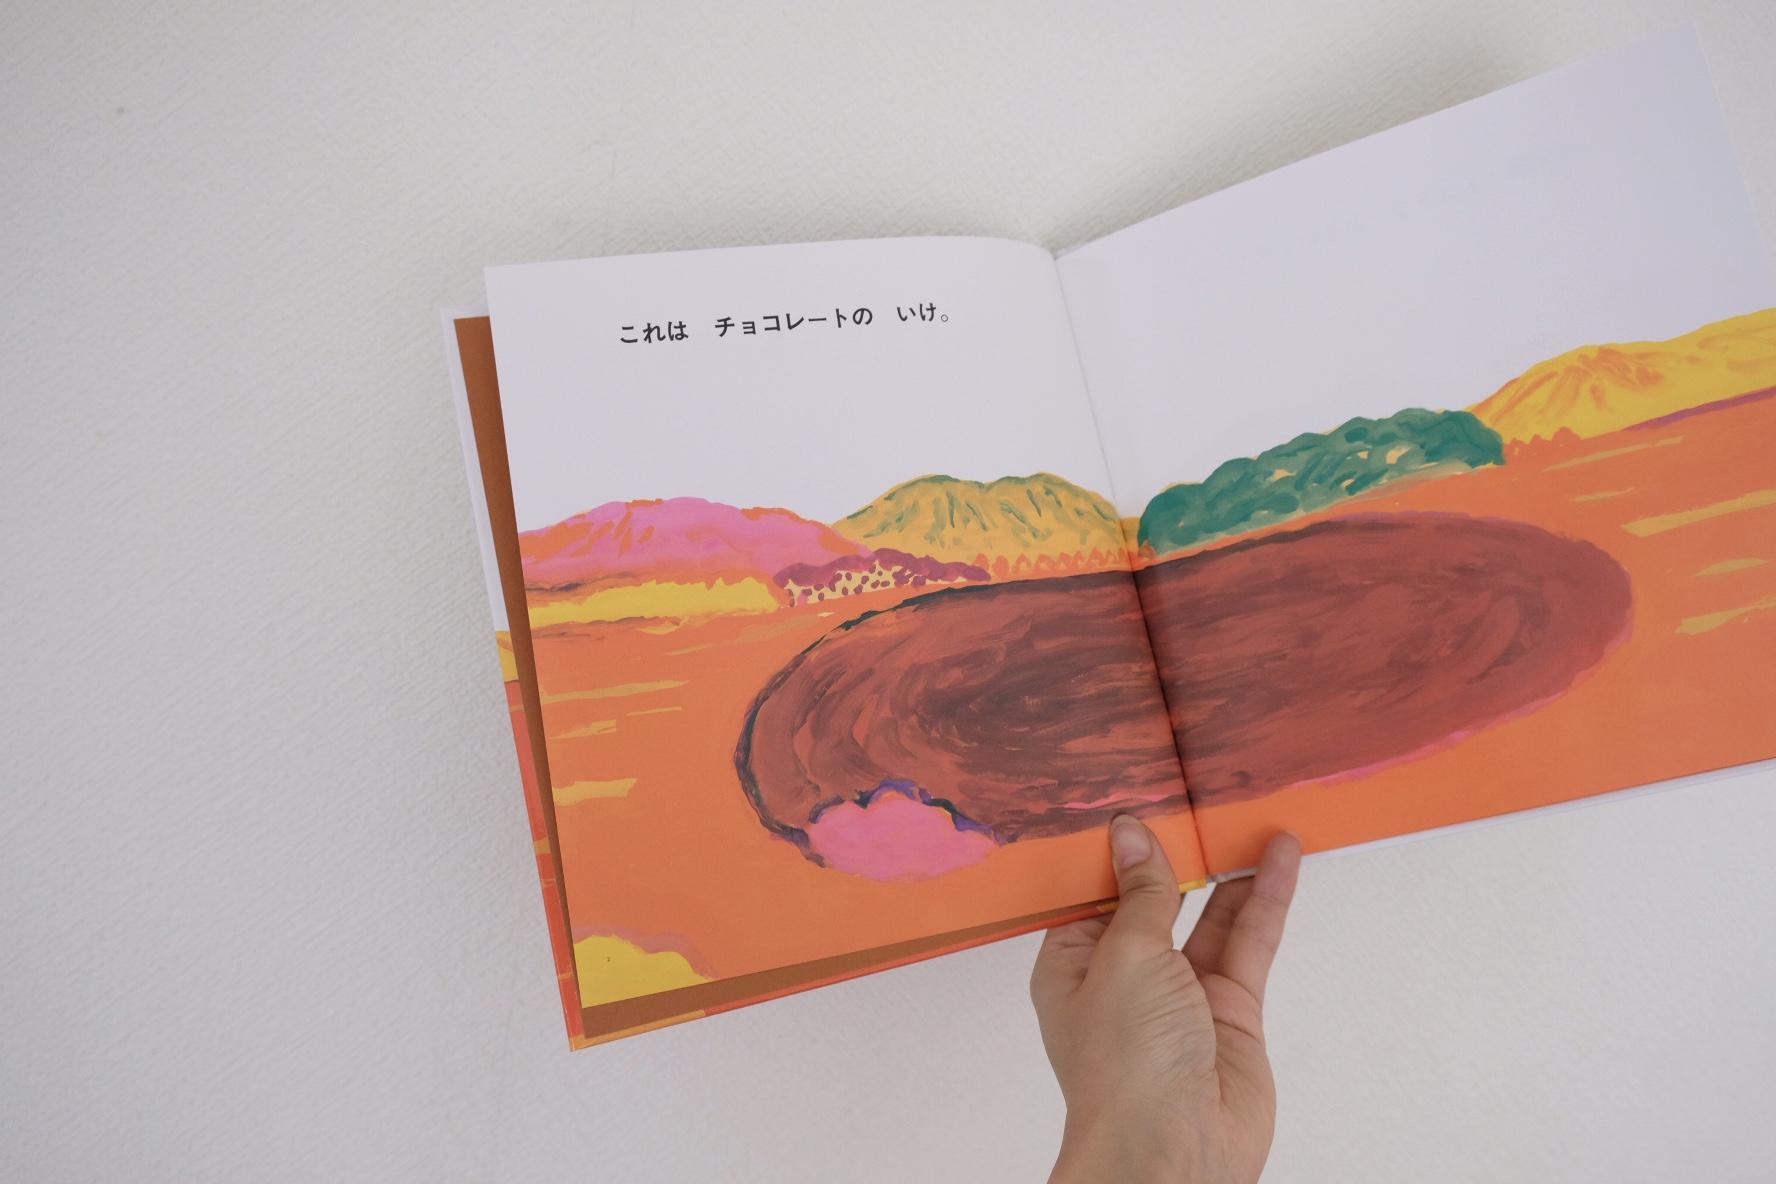 カカオの本の連鎖 vol.1『チョコレートパン』長新太